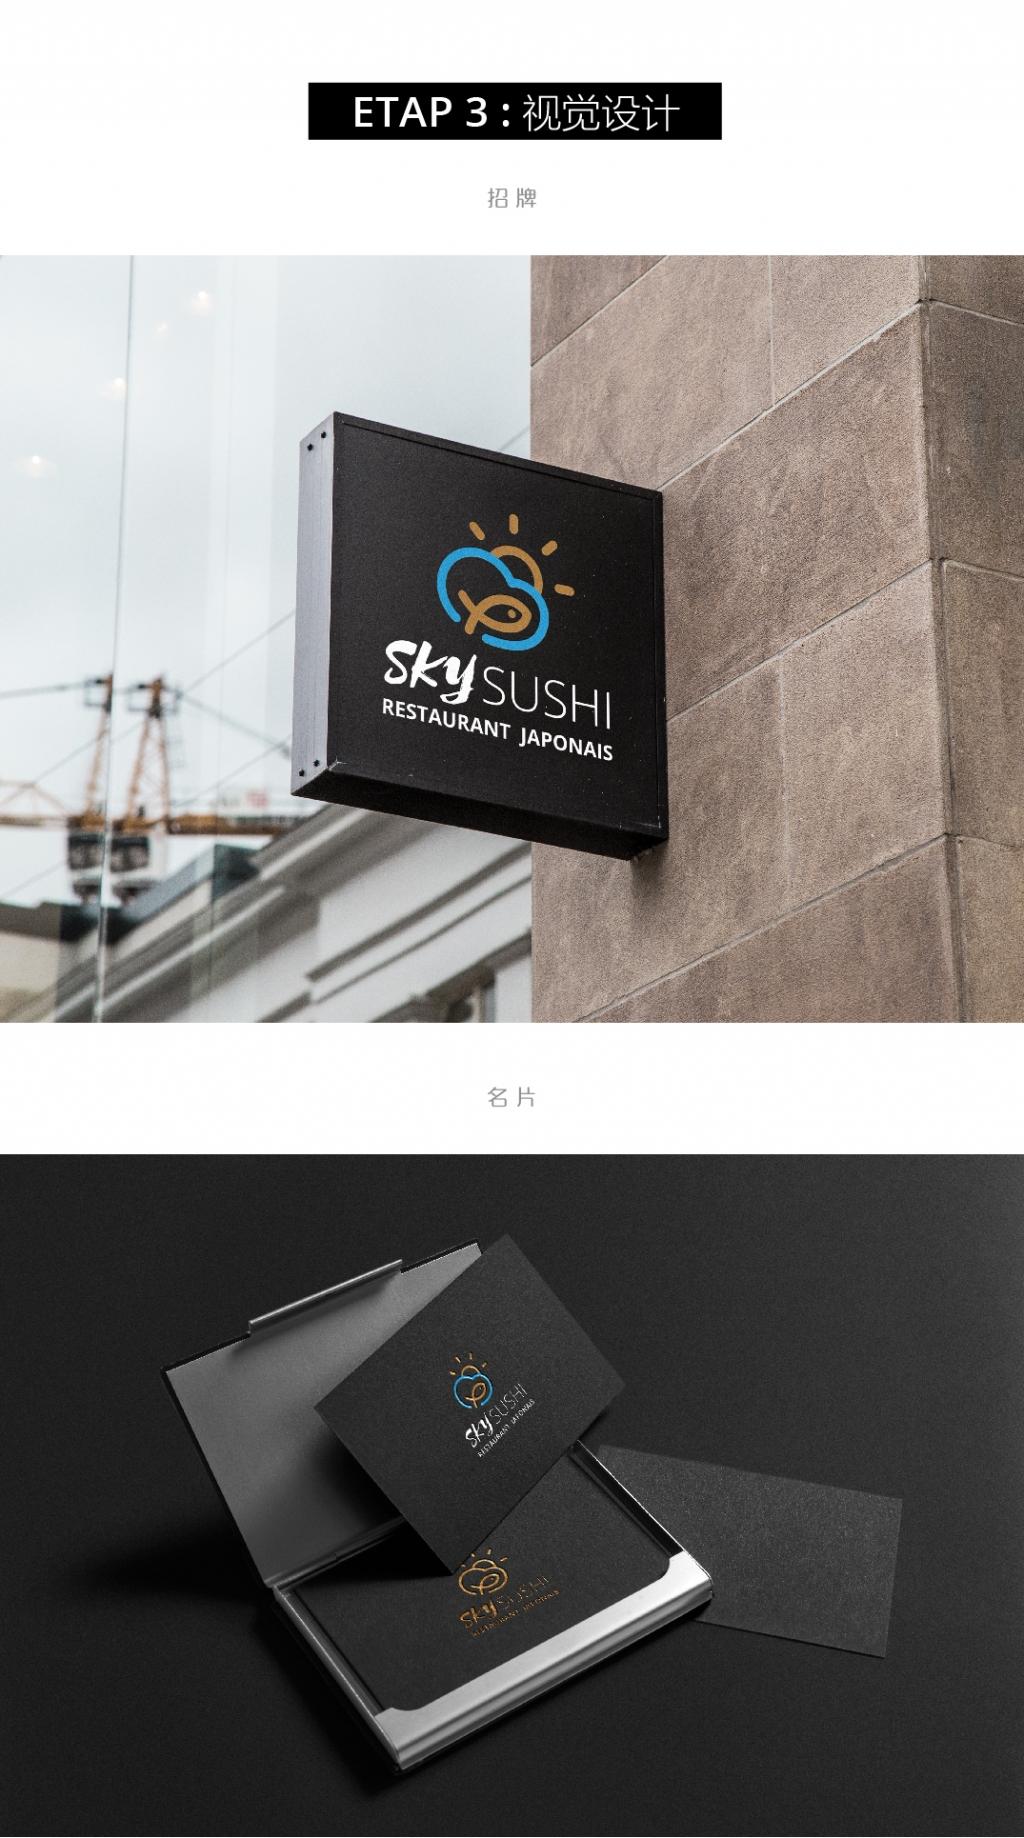 华人街-广告-sky sushi-2016-11-16-02.jpg